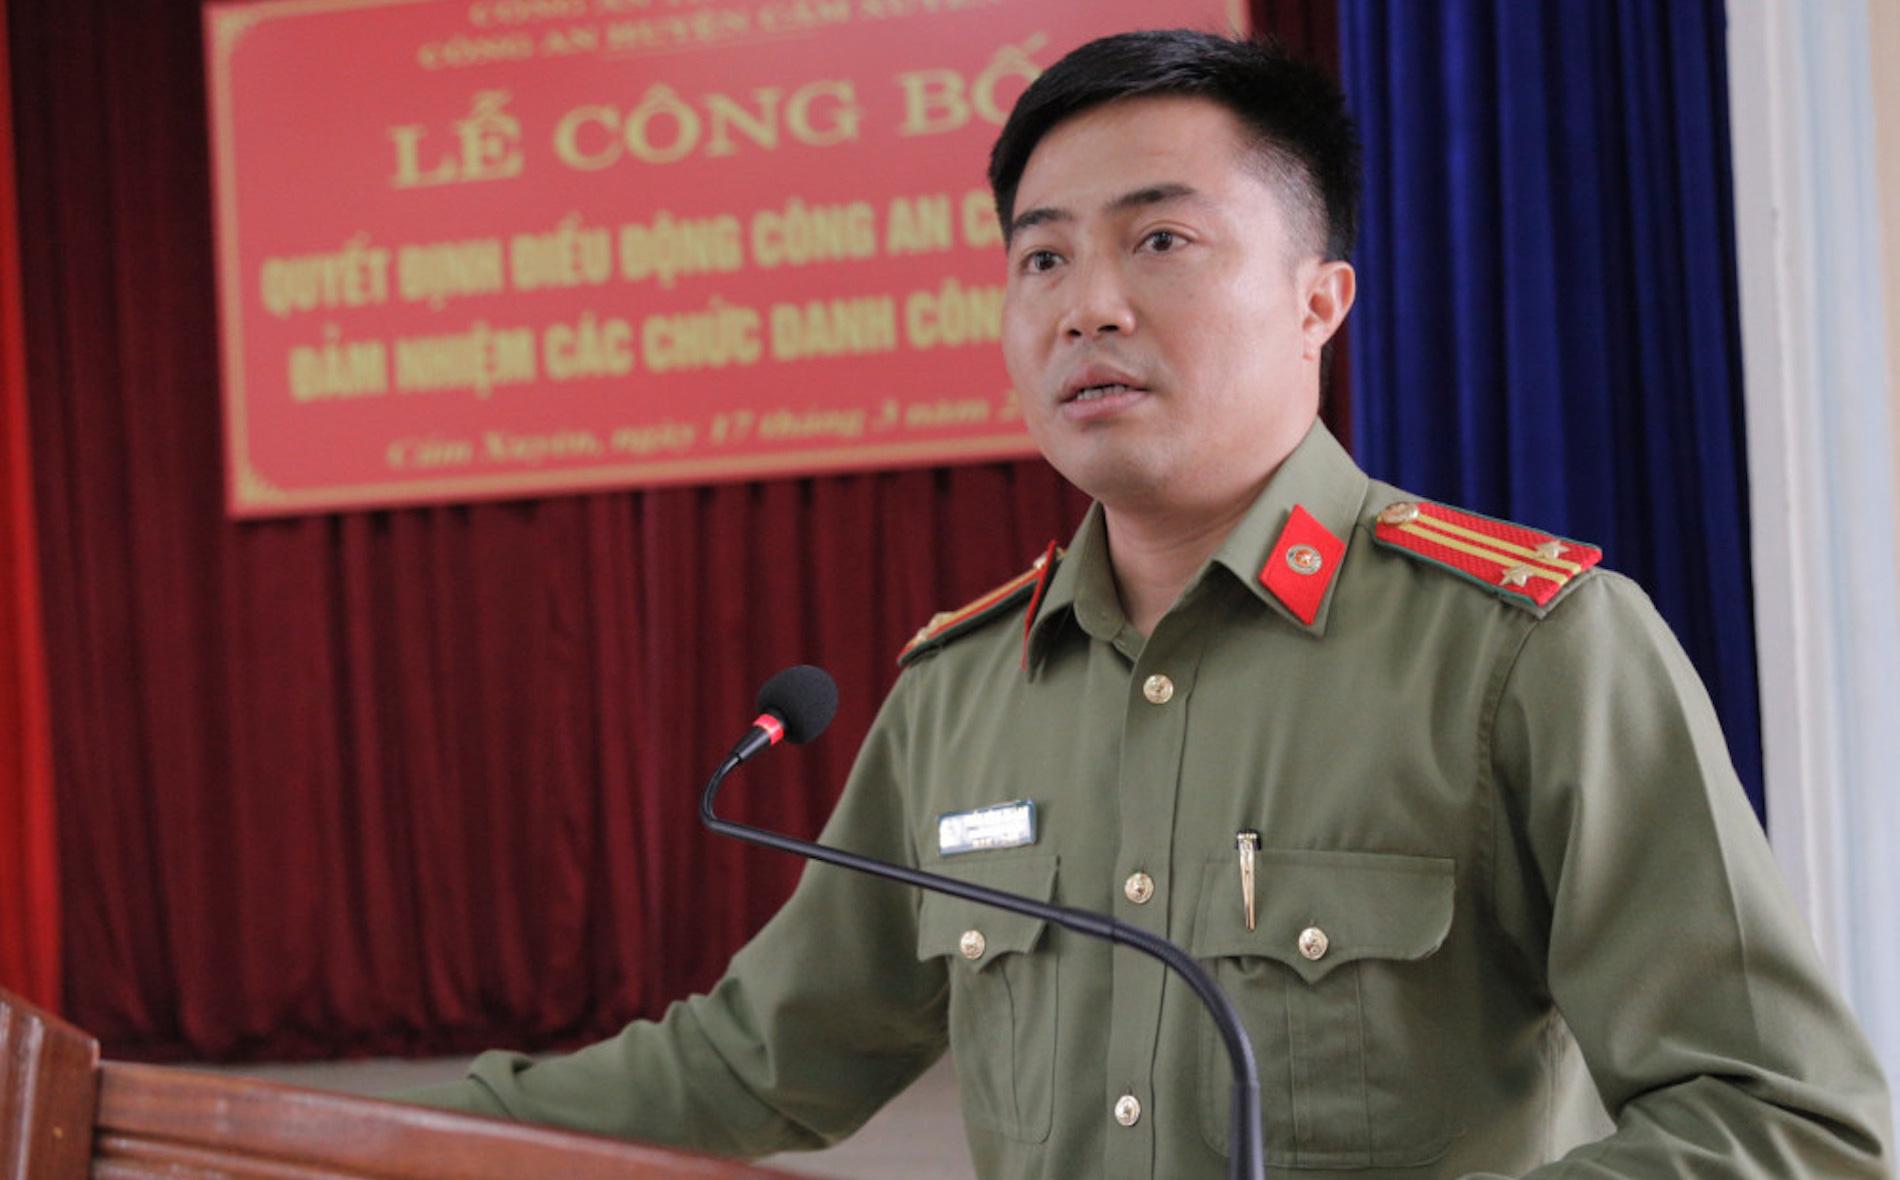 Trung tá công an bị kỷ luật cảnh cáo, Phó Chủ tịch huyện bị kỷ luật vì sinh con thứ 3